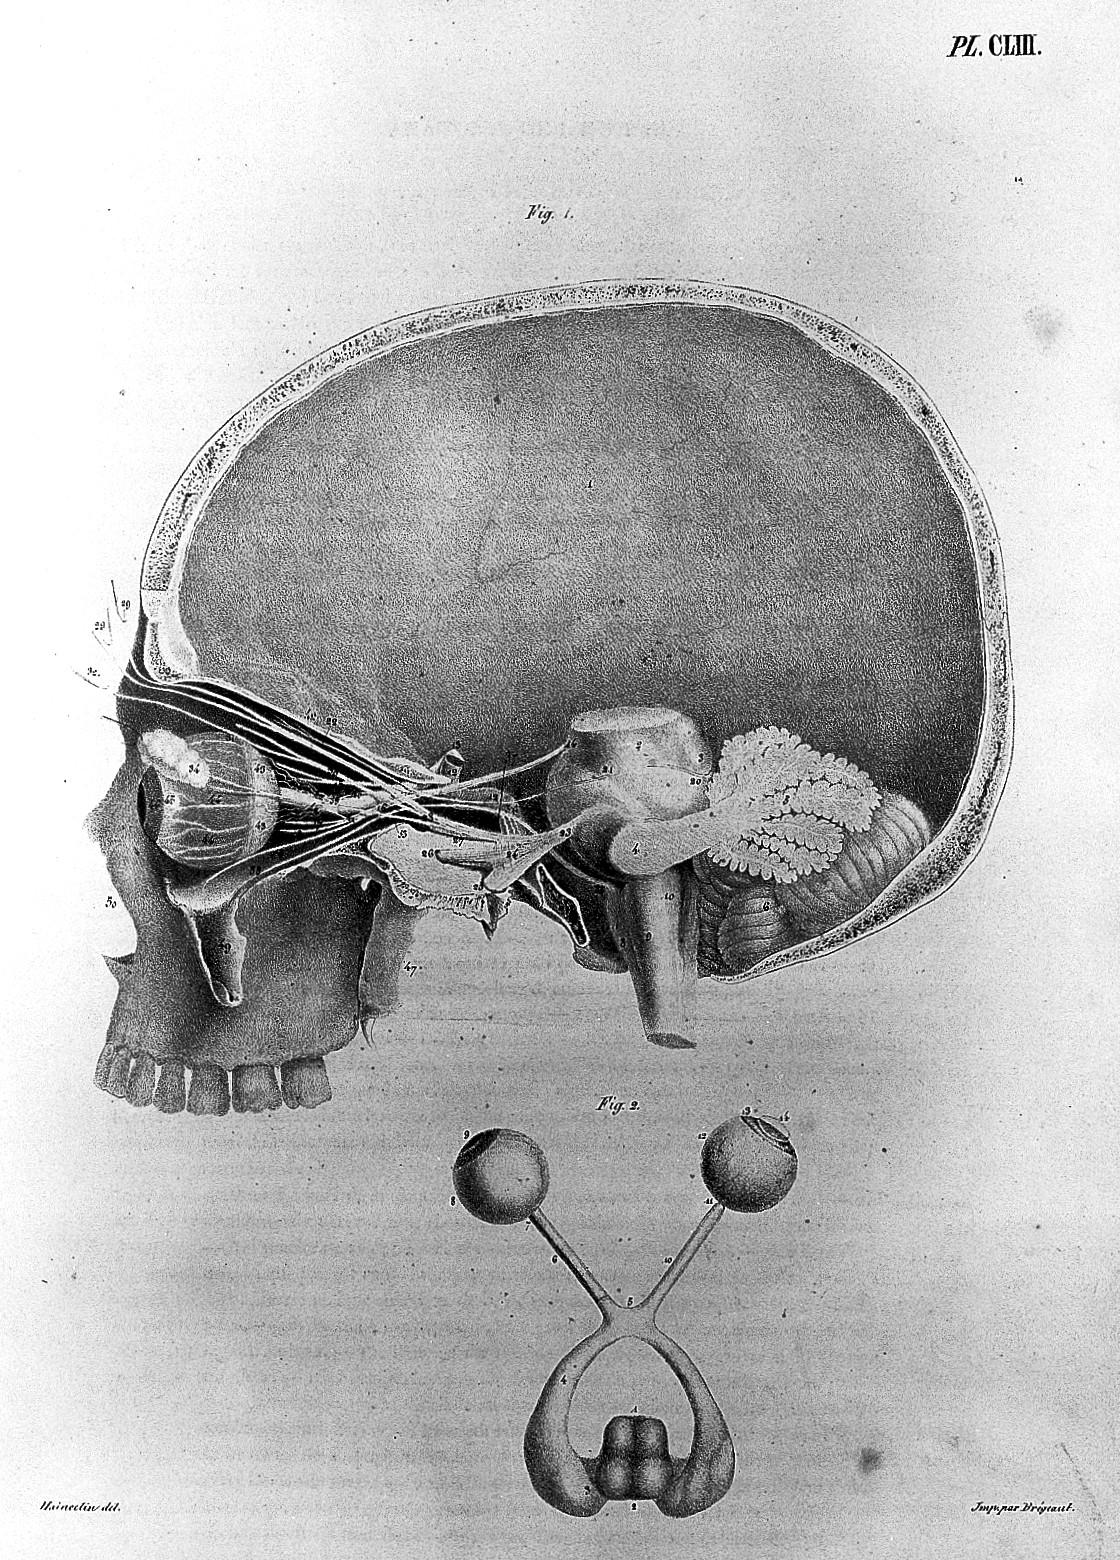 Anatomie De L Homme file:j. g. cloquet, anatomie de l'homme, 1821 - 1831 wellcome